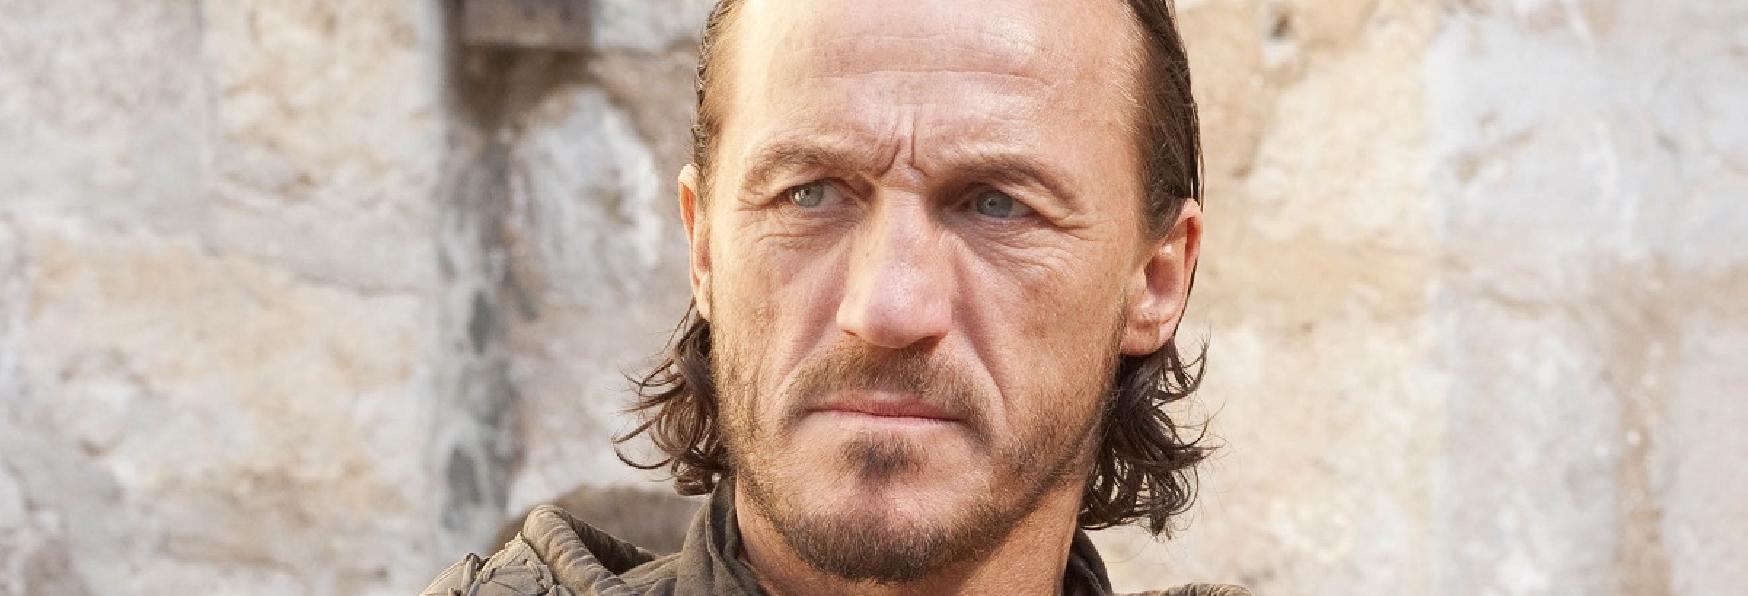 La Torre Nera: aggiunto Jerome Flynn al Cast della serie Amazon Prime Video